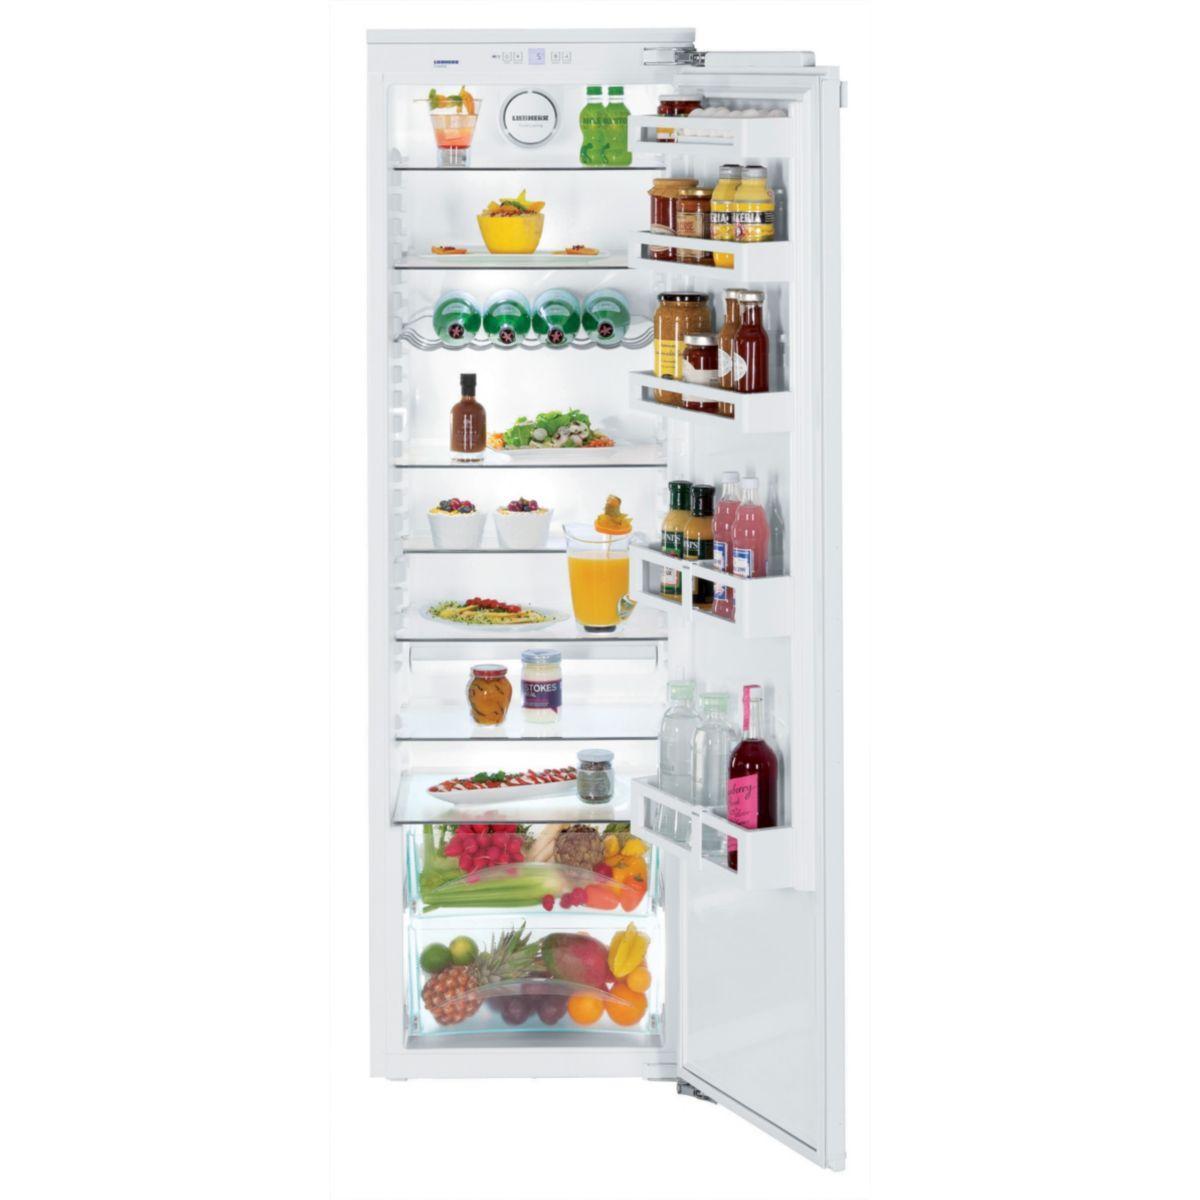 Réfrigérateur 1 porte encastrable LIEBHERR IK3510